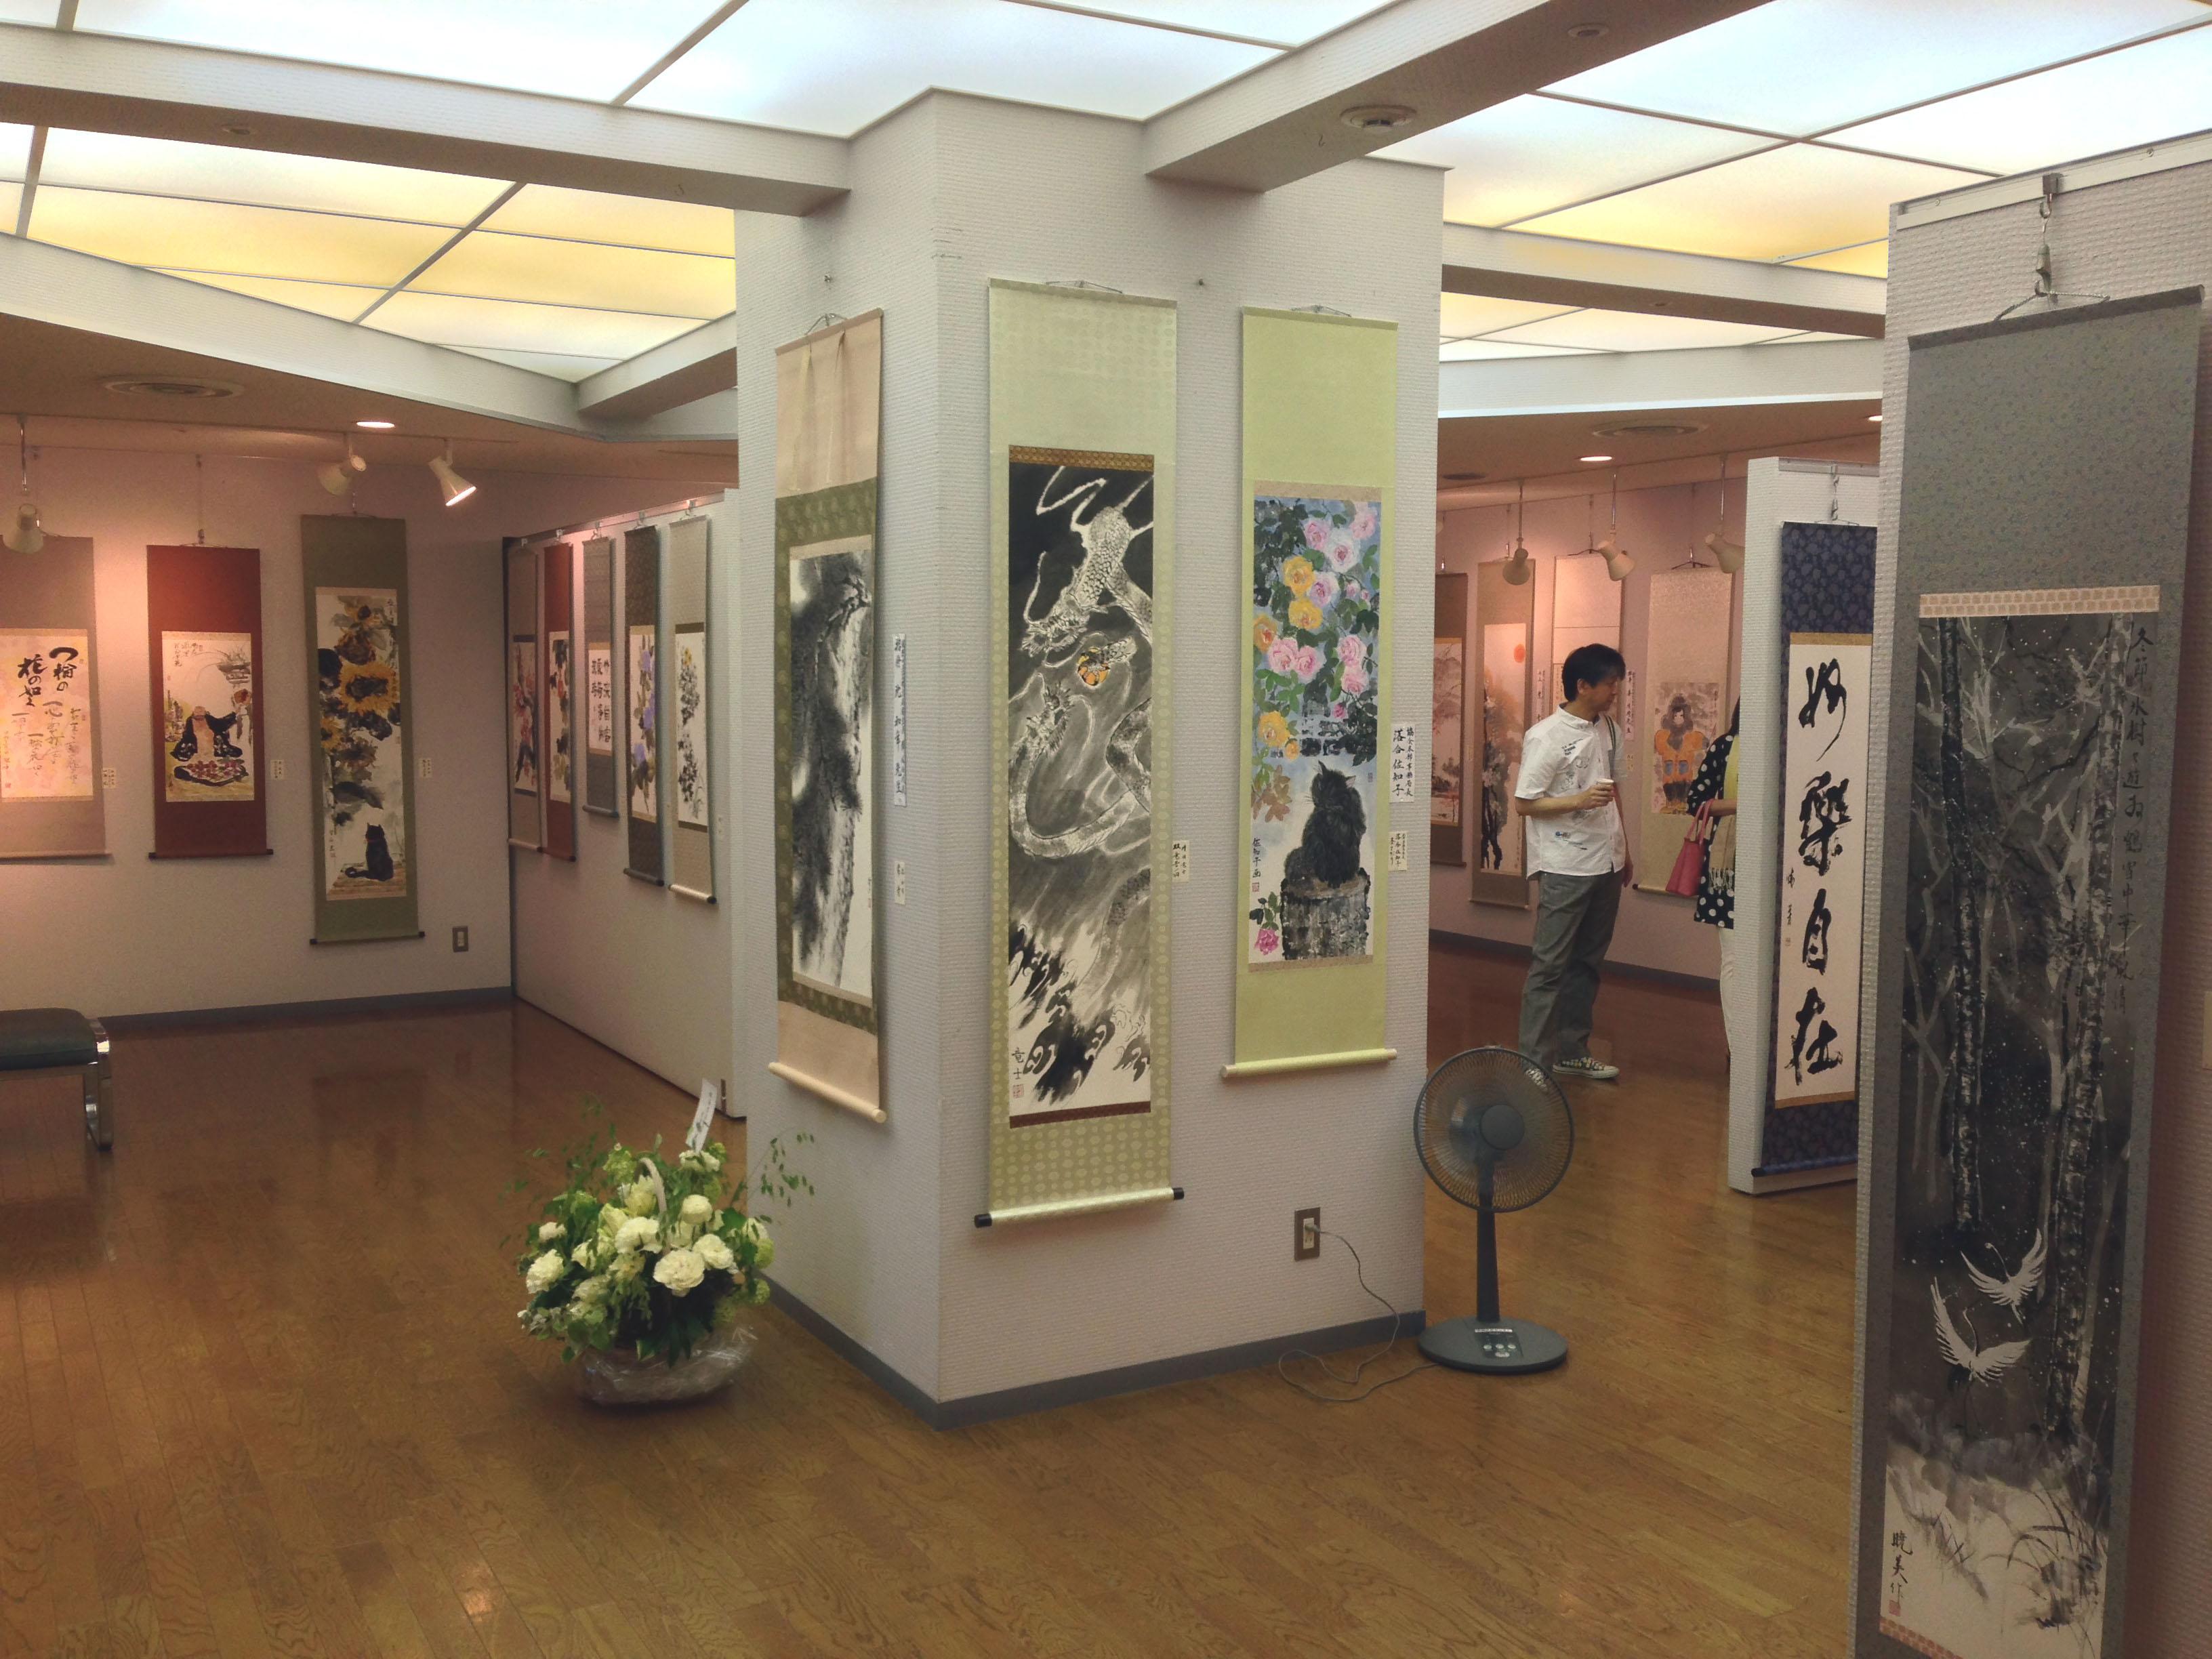 洛陽中国書法水墨画院展 会場(高輪区民センター2F展示ギャラリー) 2014 会場風景